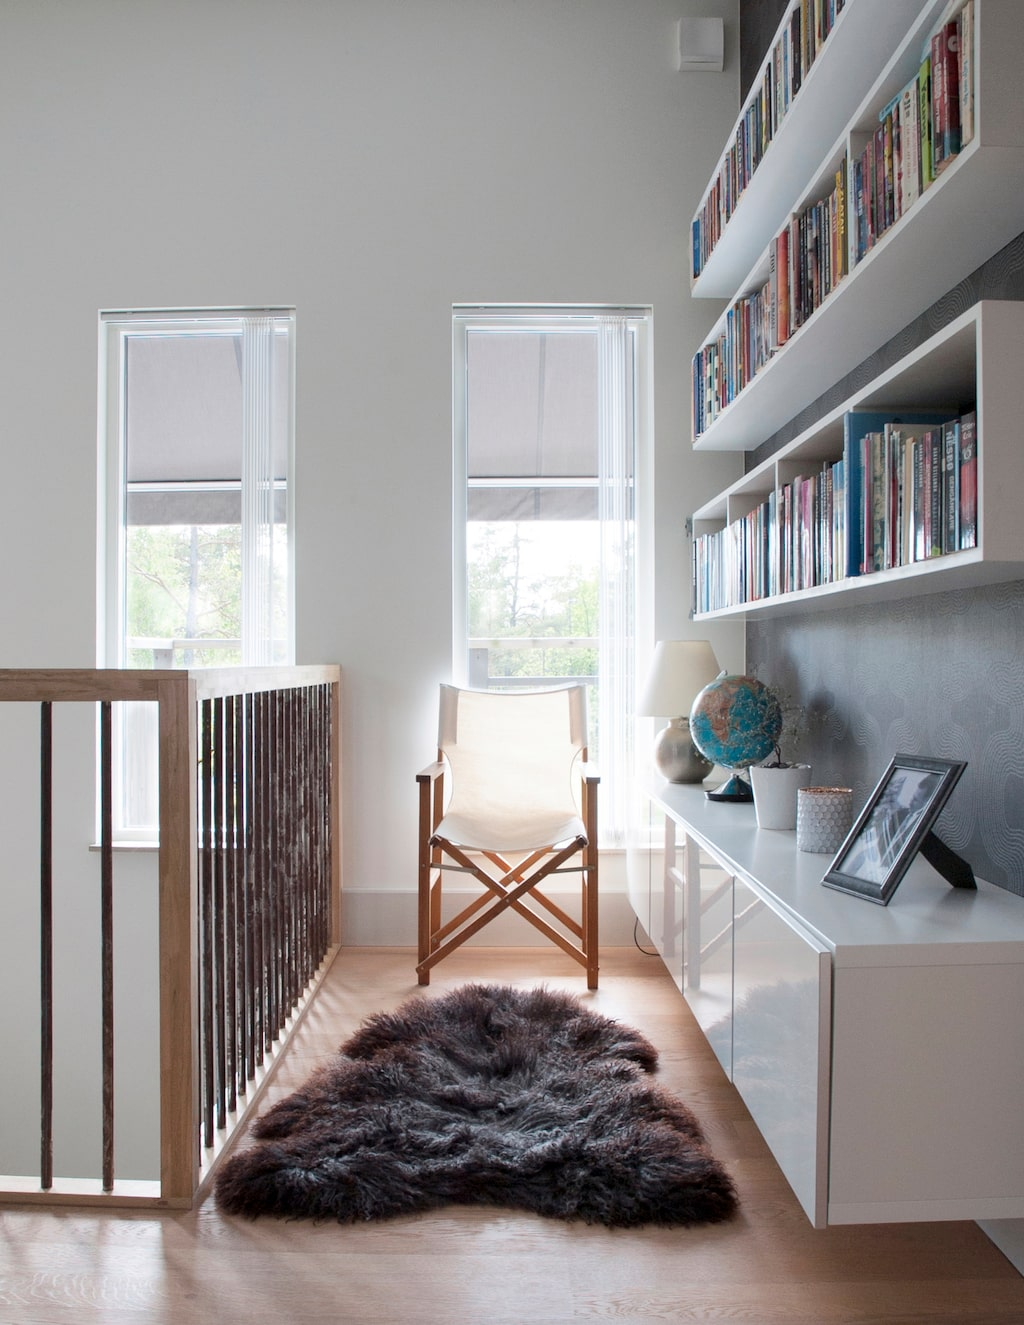 På övervåningen har familjen ett allrum. Räcket i trappen liksom den öppna bokhyllan har Jens gjort. Maries föräldrar födde upp lamm, och från dem kommer lammskinnet.